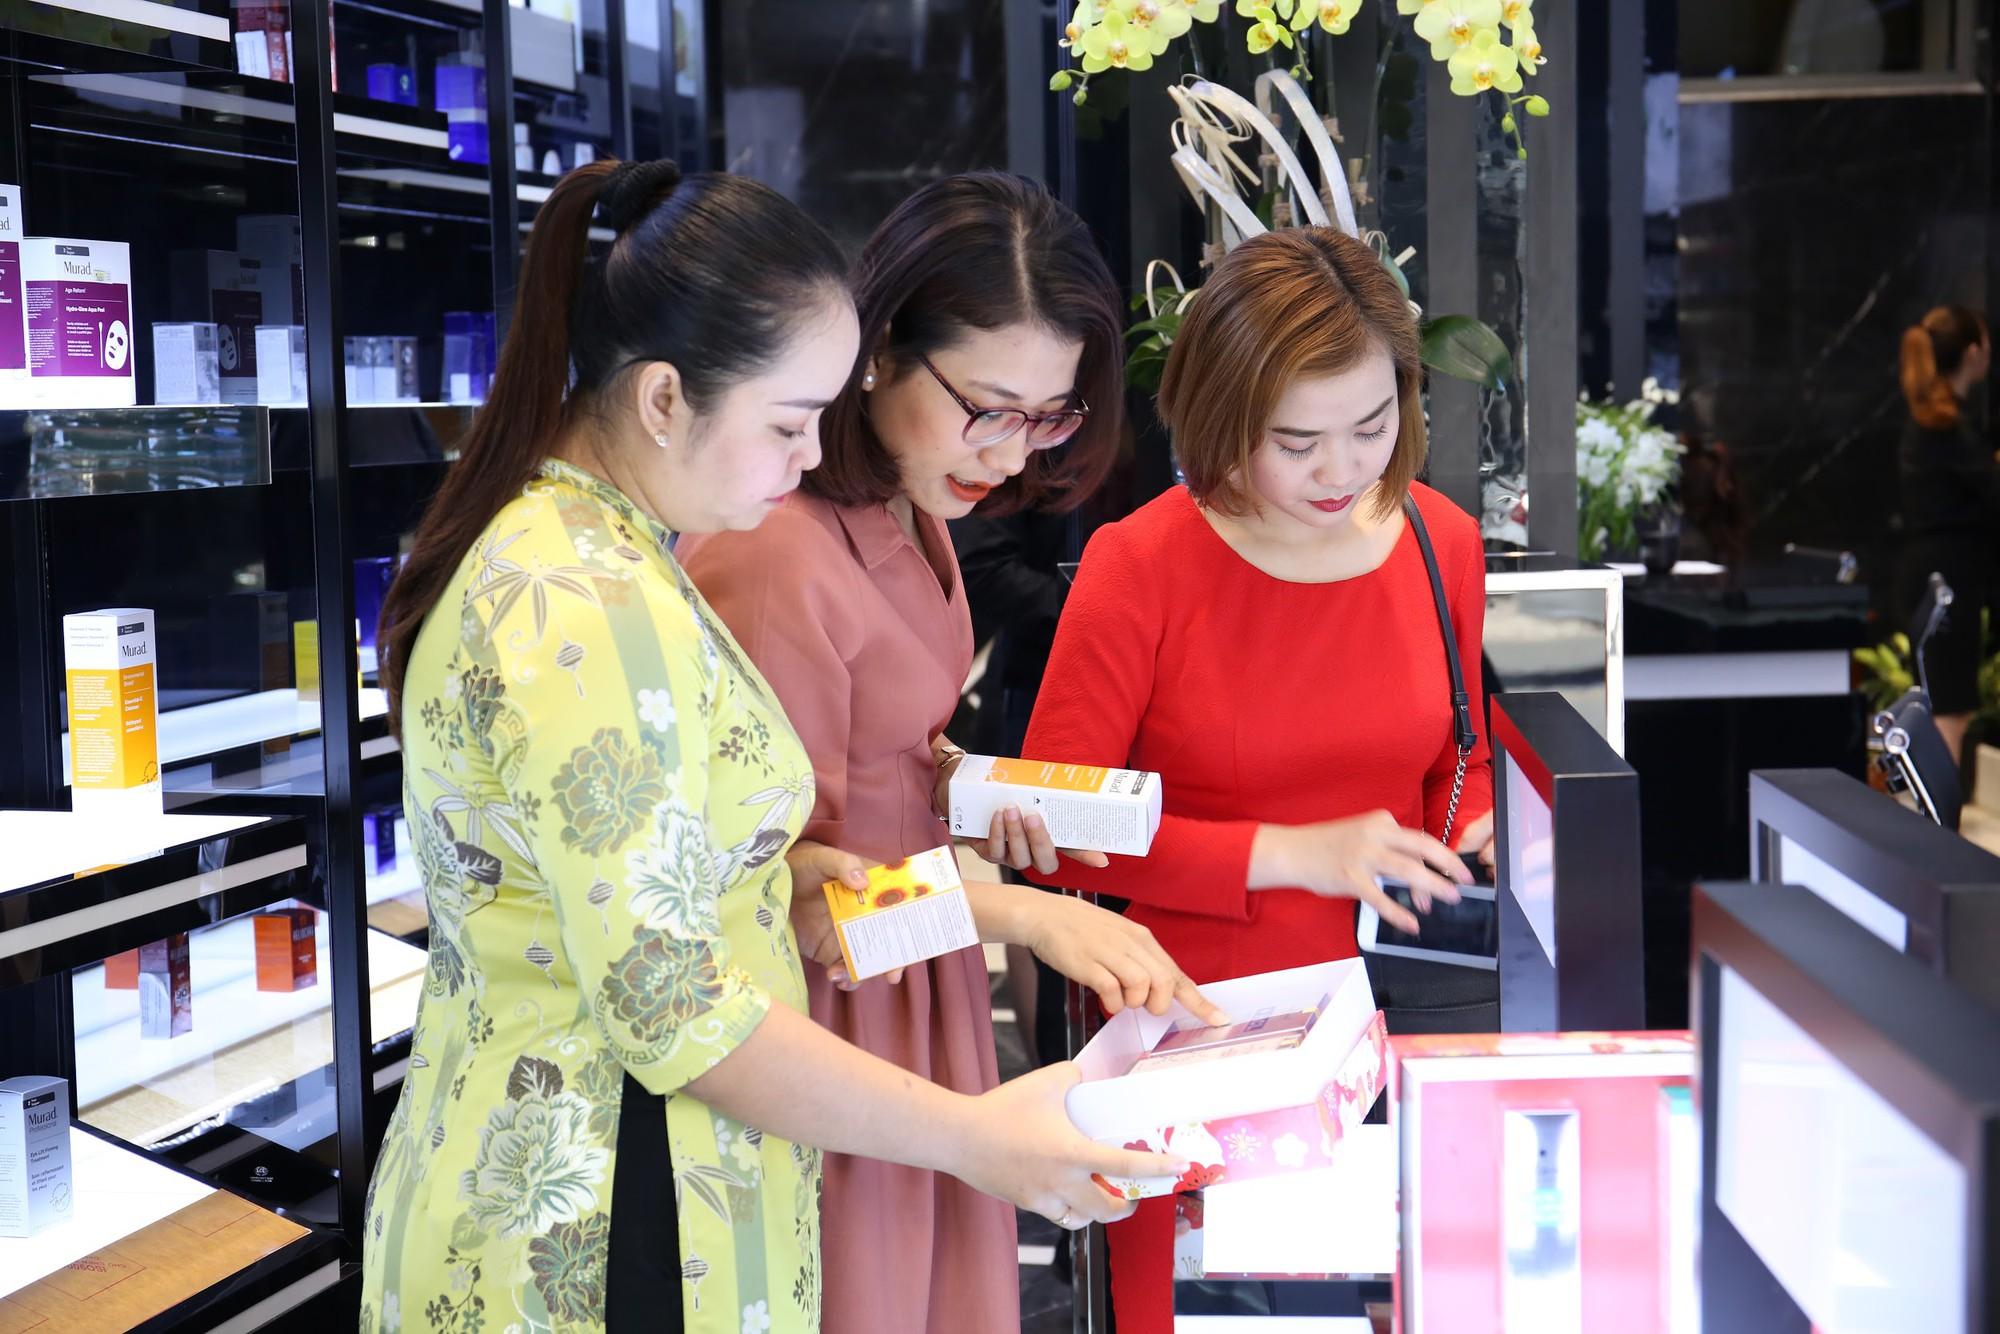 Hoa Anh Đào khai trương cửa hàng mỹ phẩm tại đường Hai Bà Trưng - Ảnh 9.